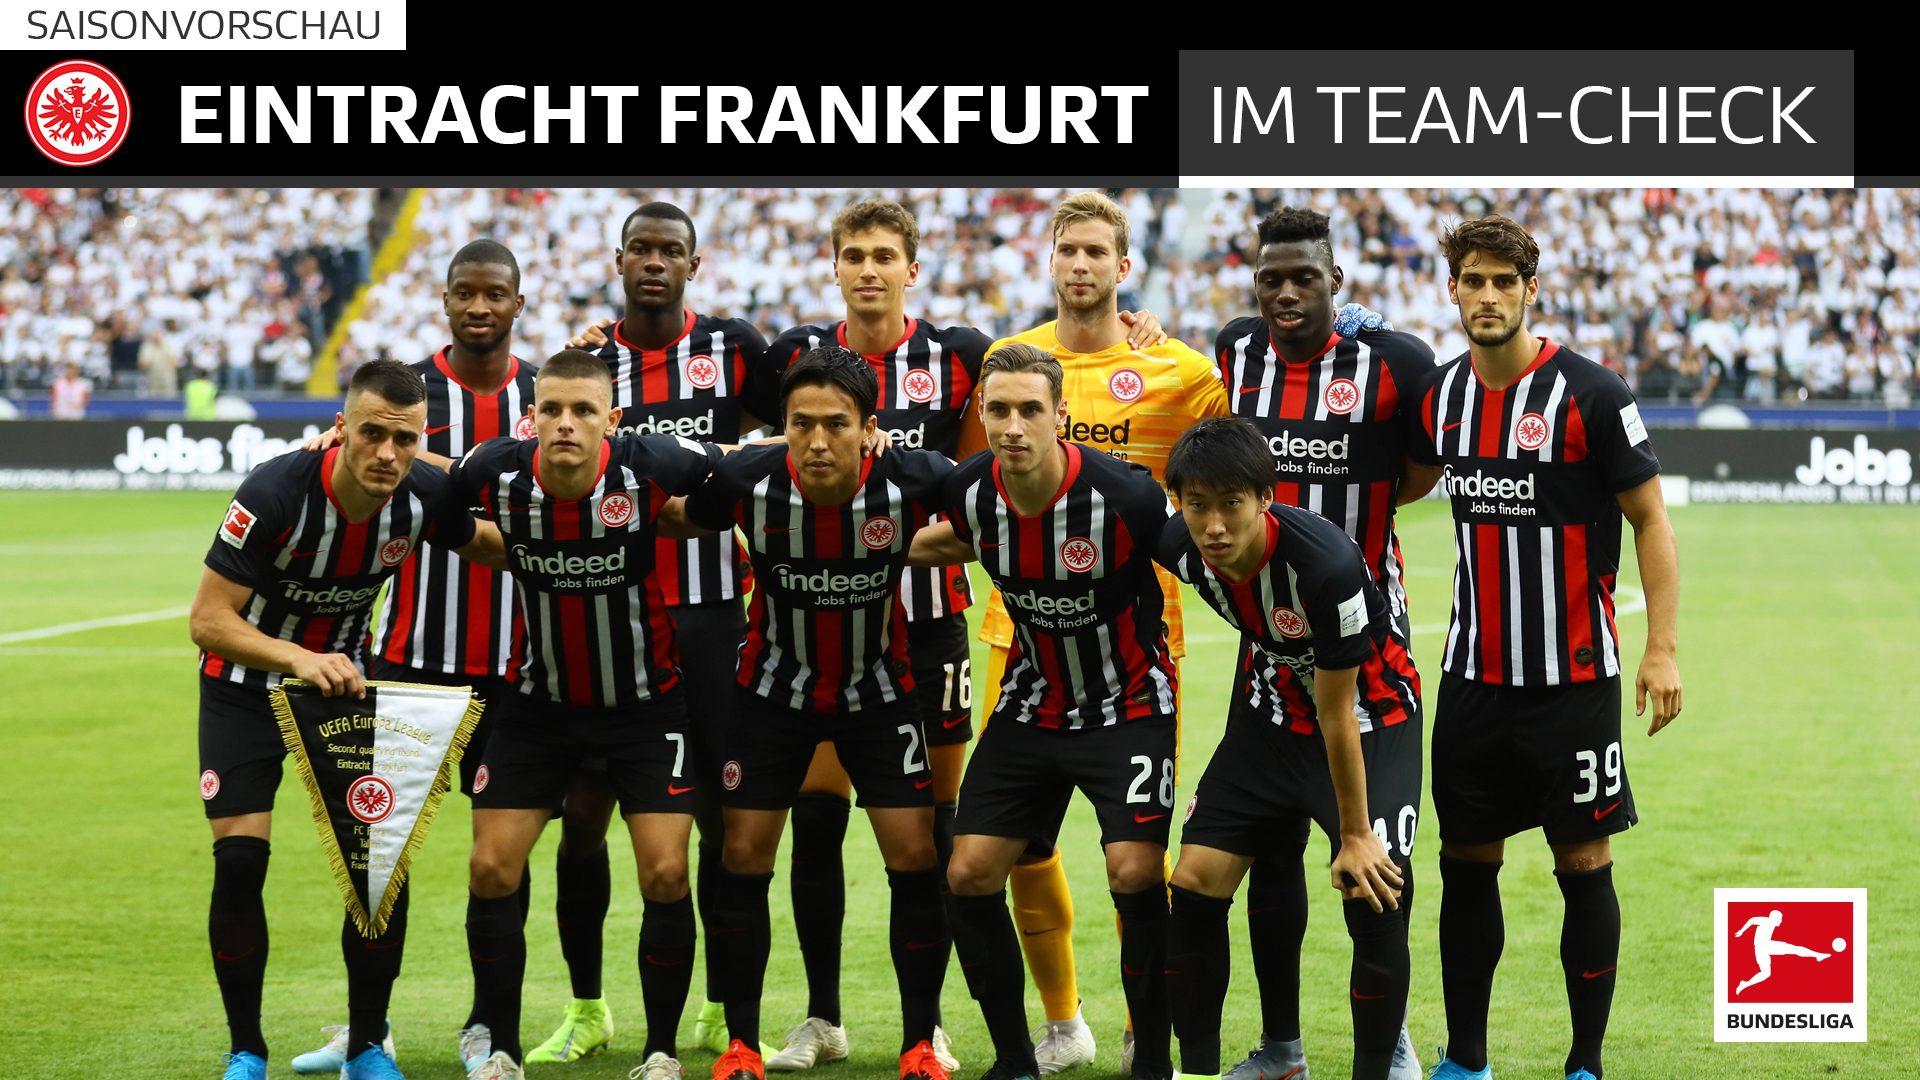 Mannschaft Eintracht Frankfurt